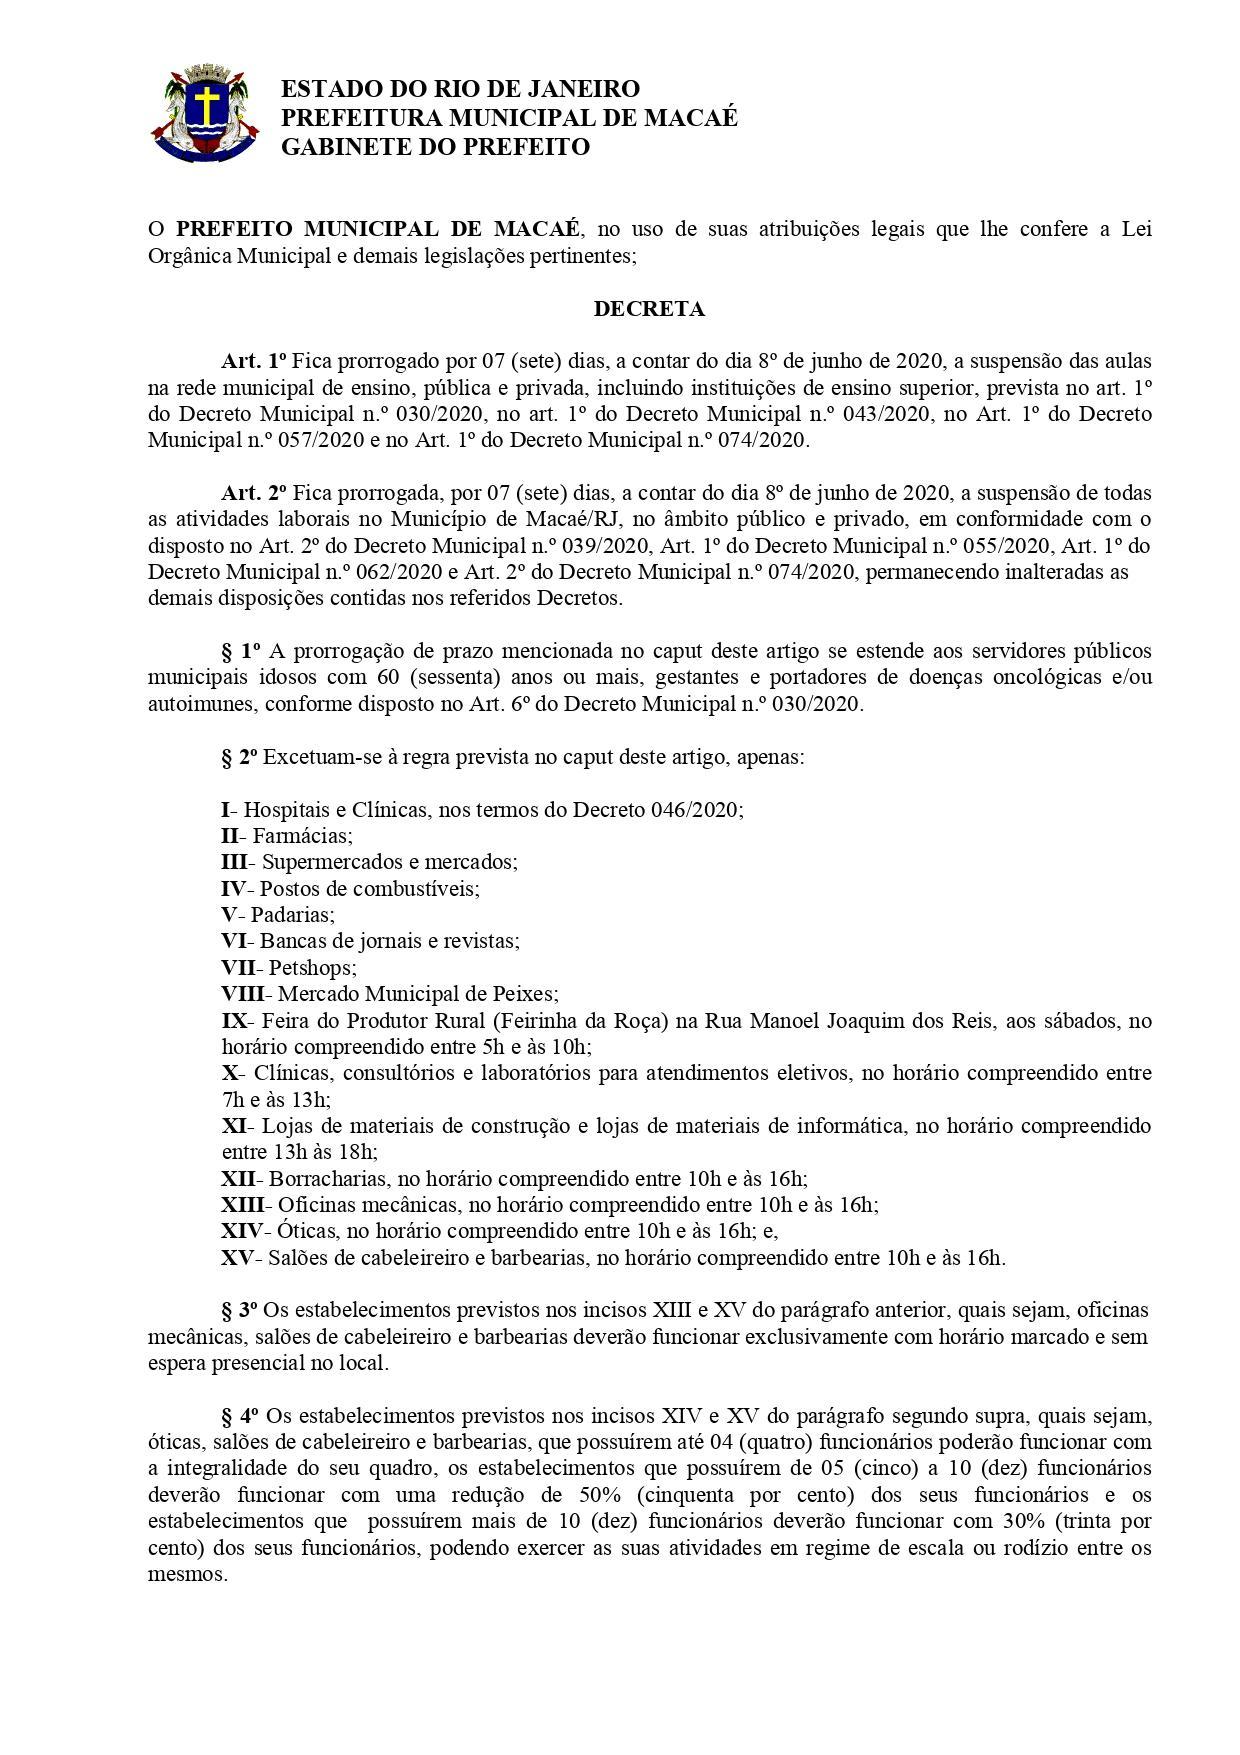 Decreto 080/2020 editado nesta sexta-feira (05) pela Prefeitura de Macaé, prorroga a suspenção das atividades laborais no município